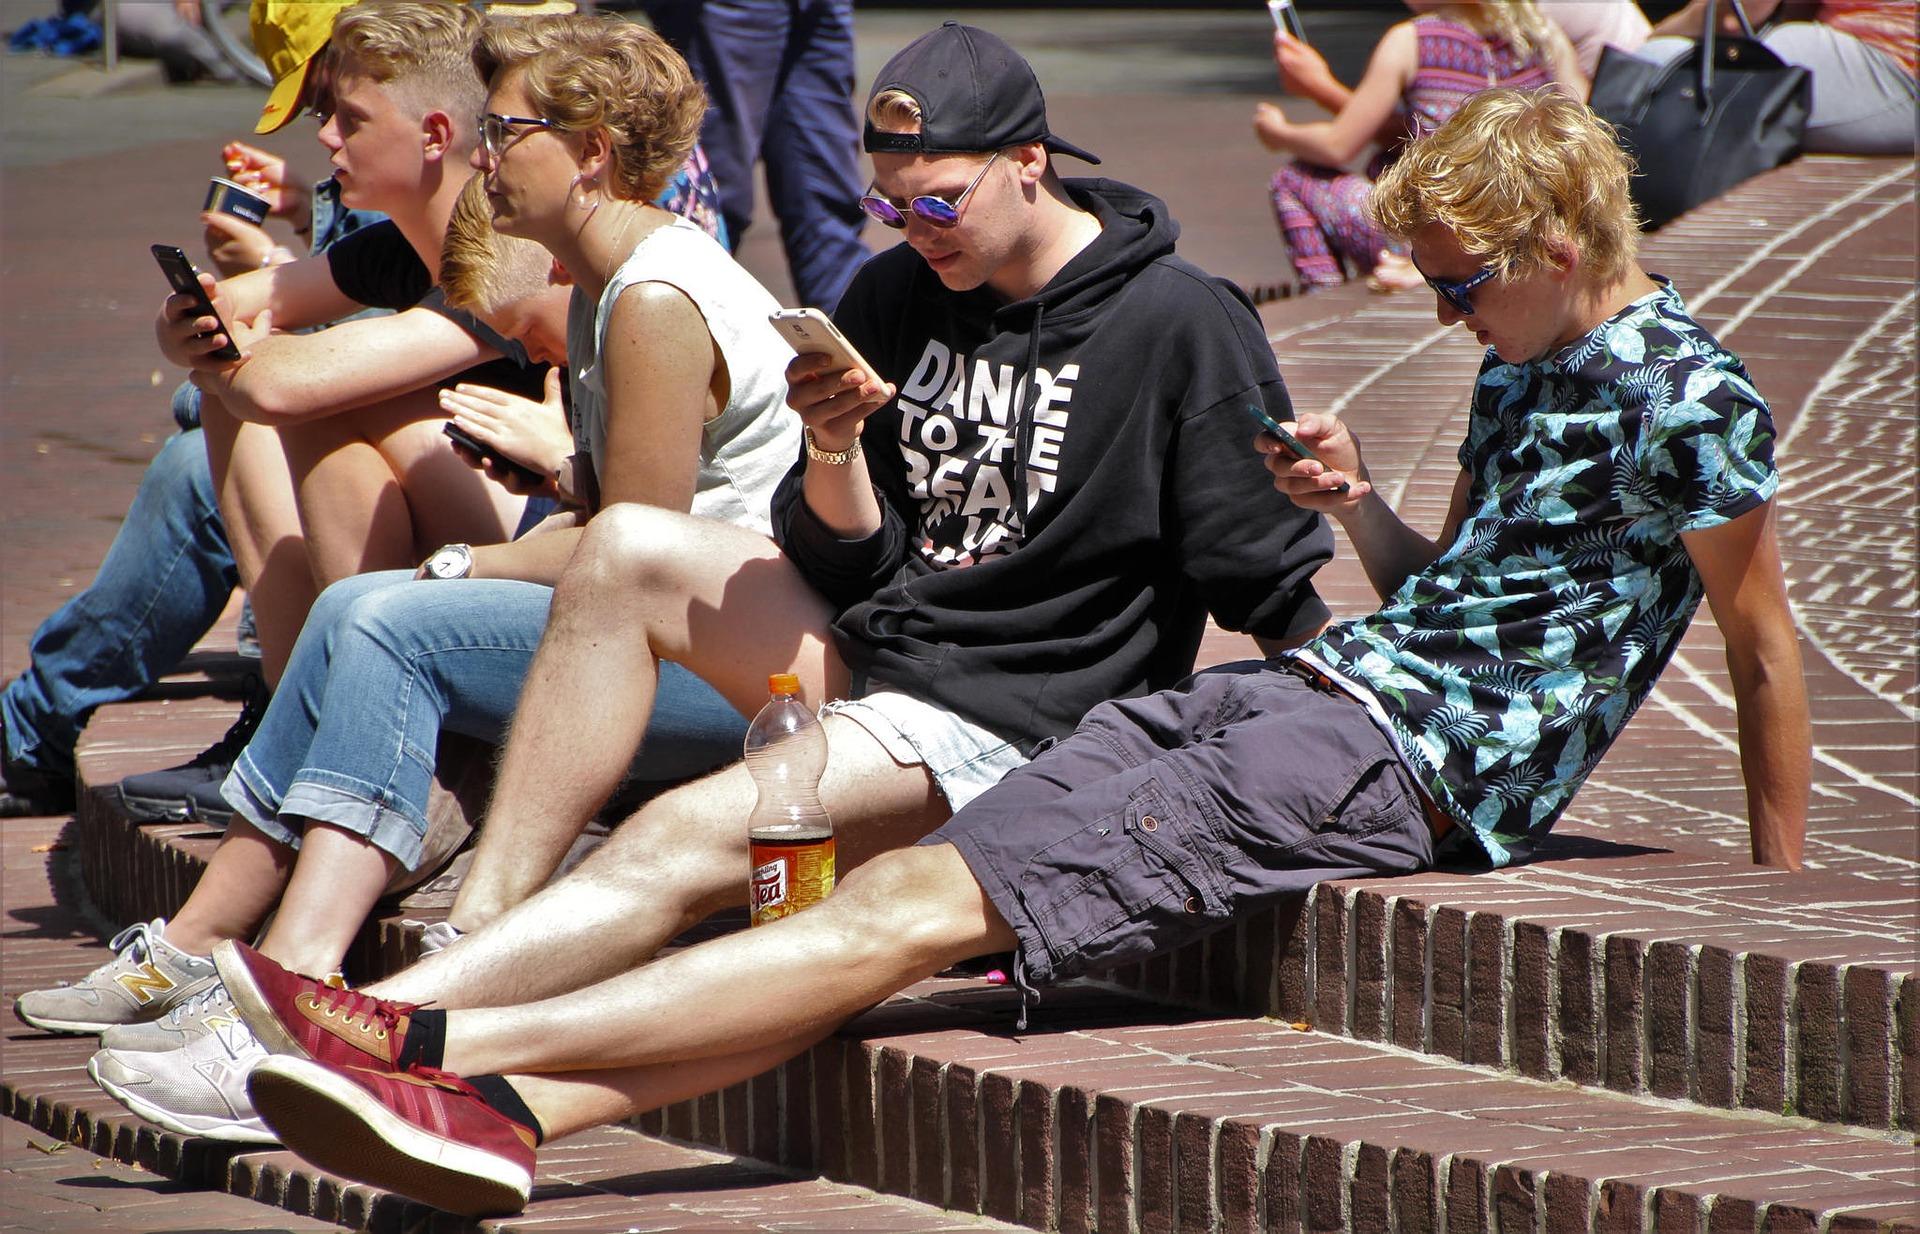 Neljä nuorta ja opettaja istuu tiiliportailla pihalla kesäsäässä. Nuorilla on puhelimet kädessä.